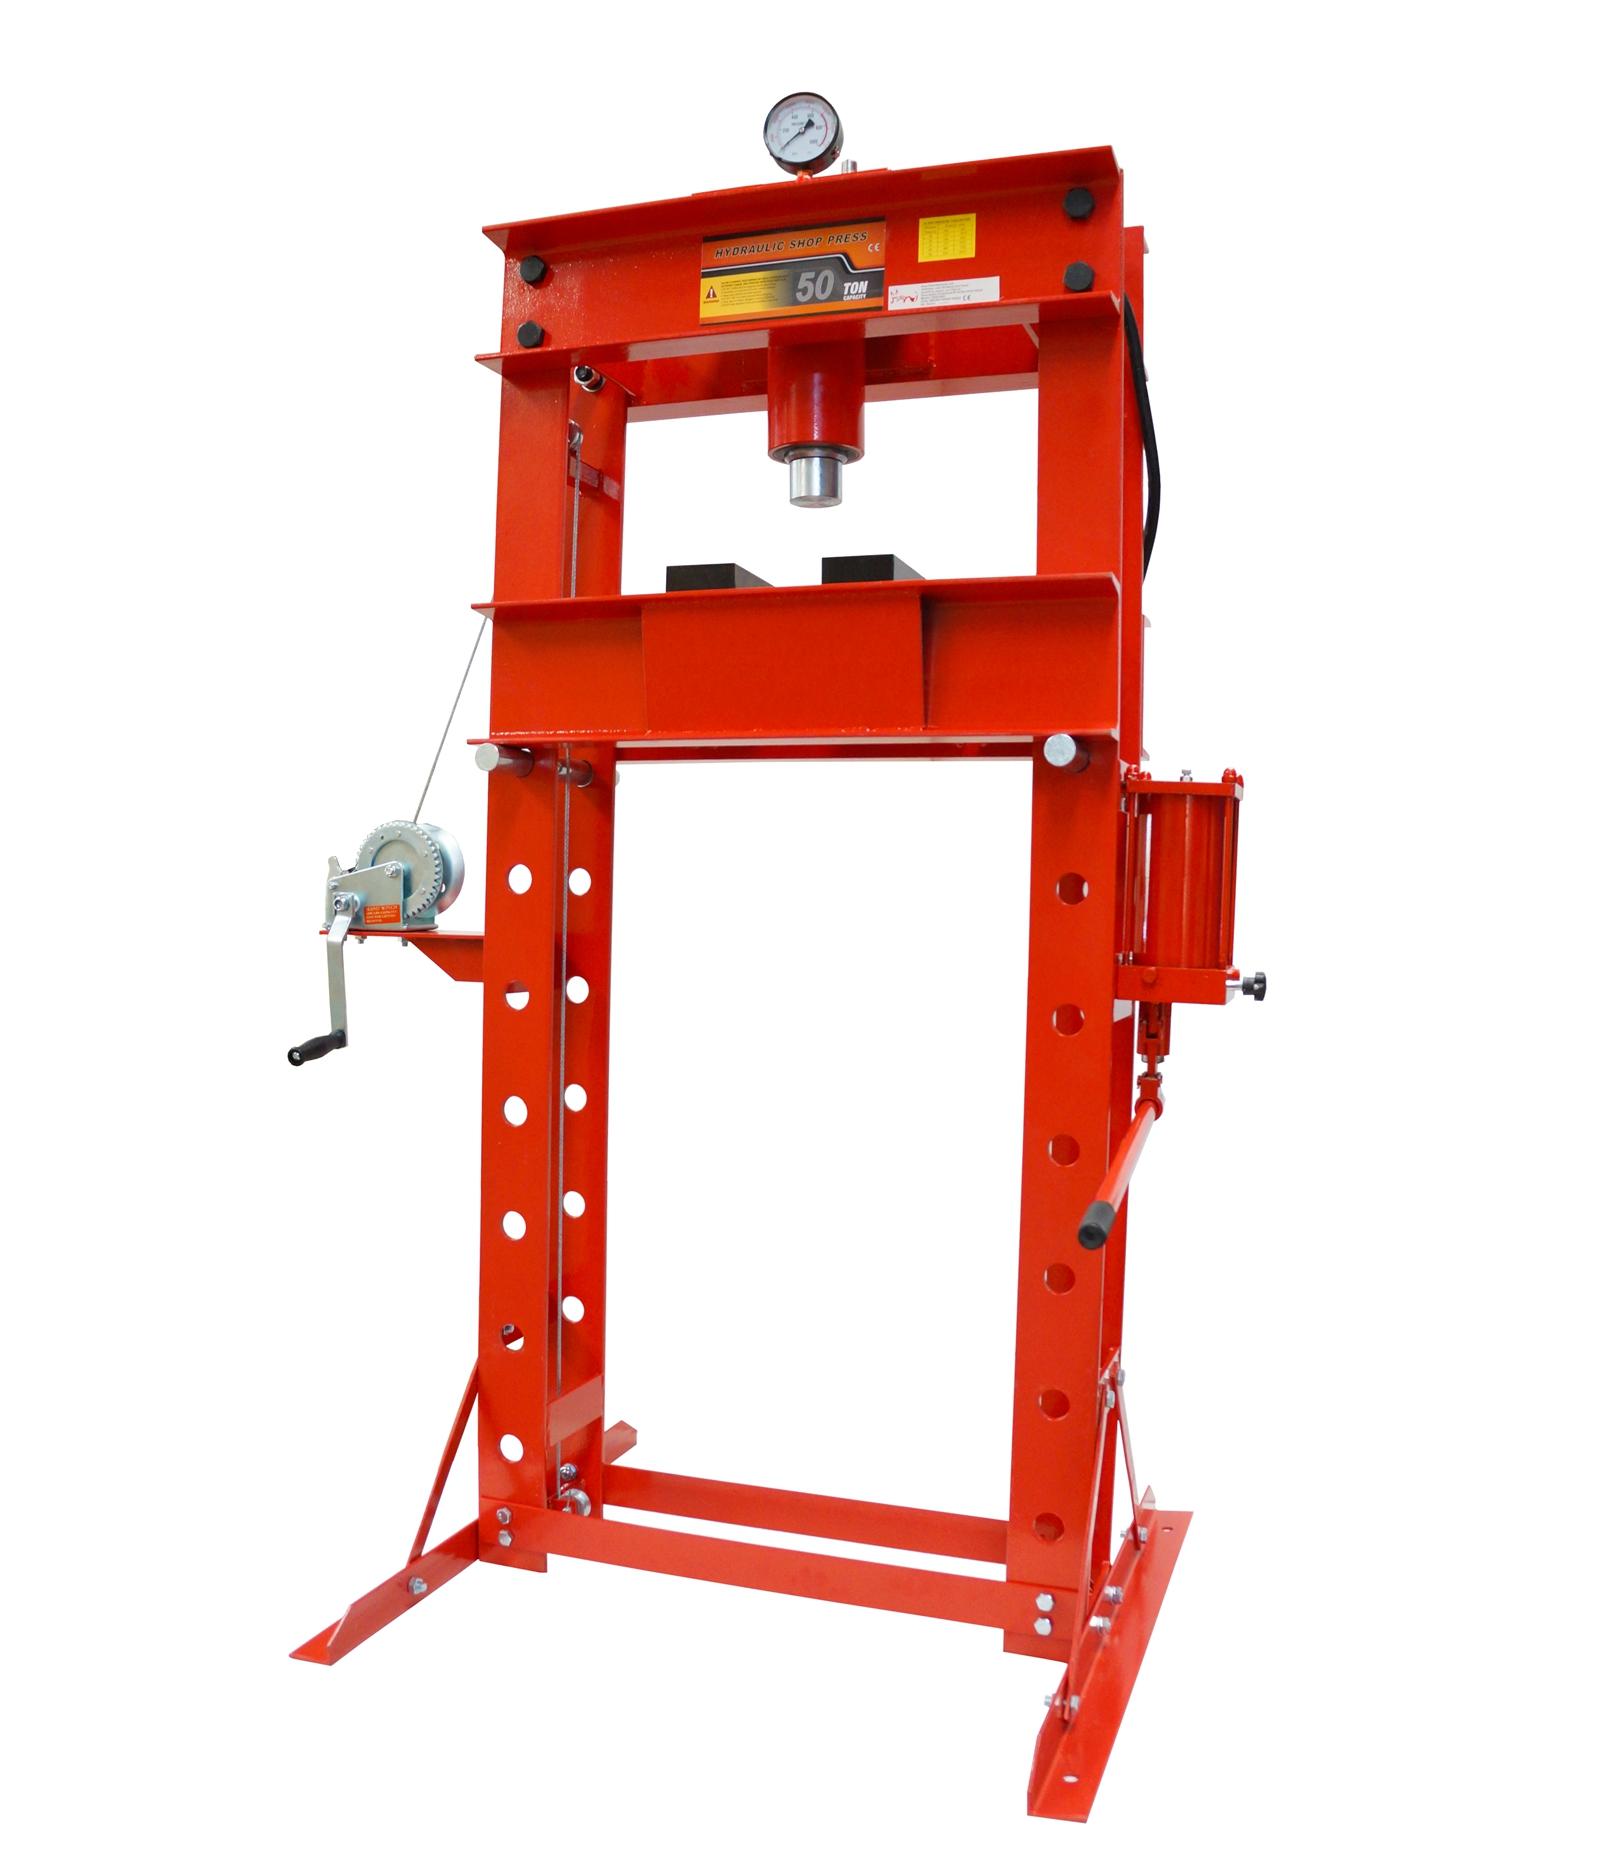 50 Ton Industrial Hydraulic Garage Shop Workshop Press Ebay